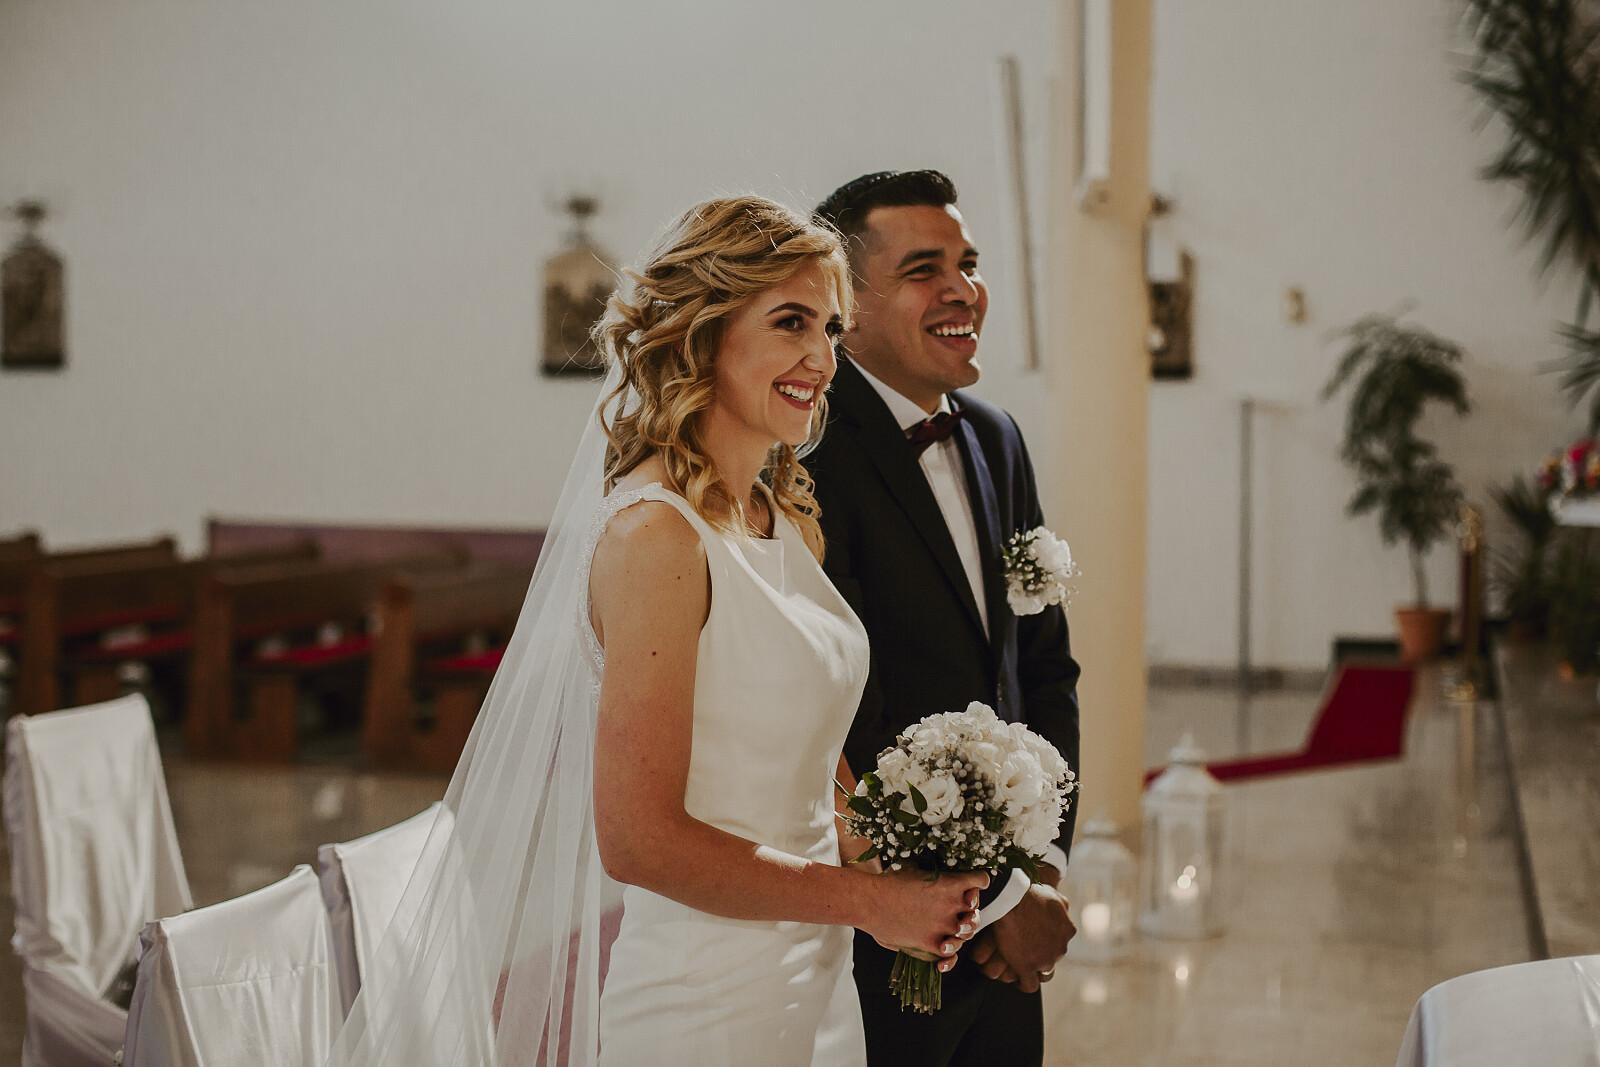 Ela i Jose w dniu ślubu (Fot. Elżbieta, archiwum prywatne)